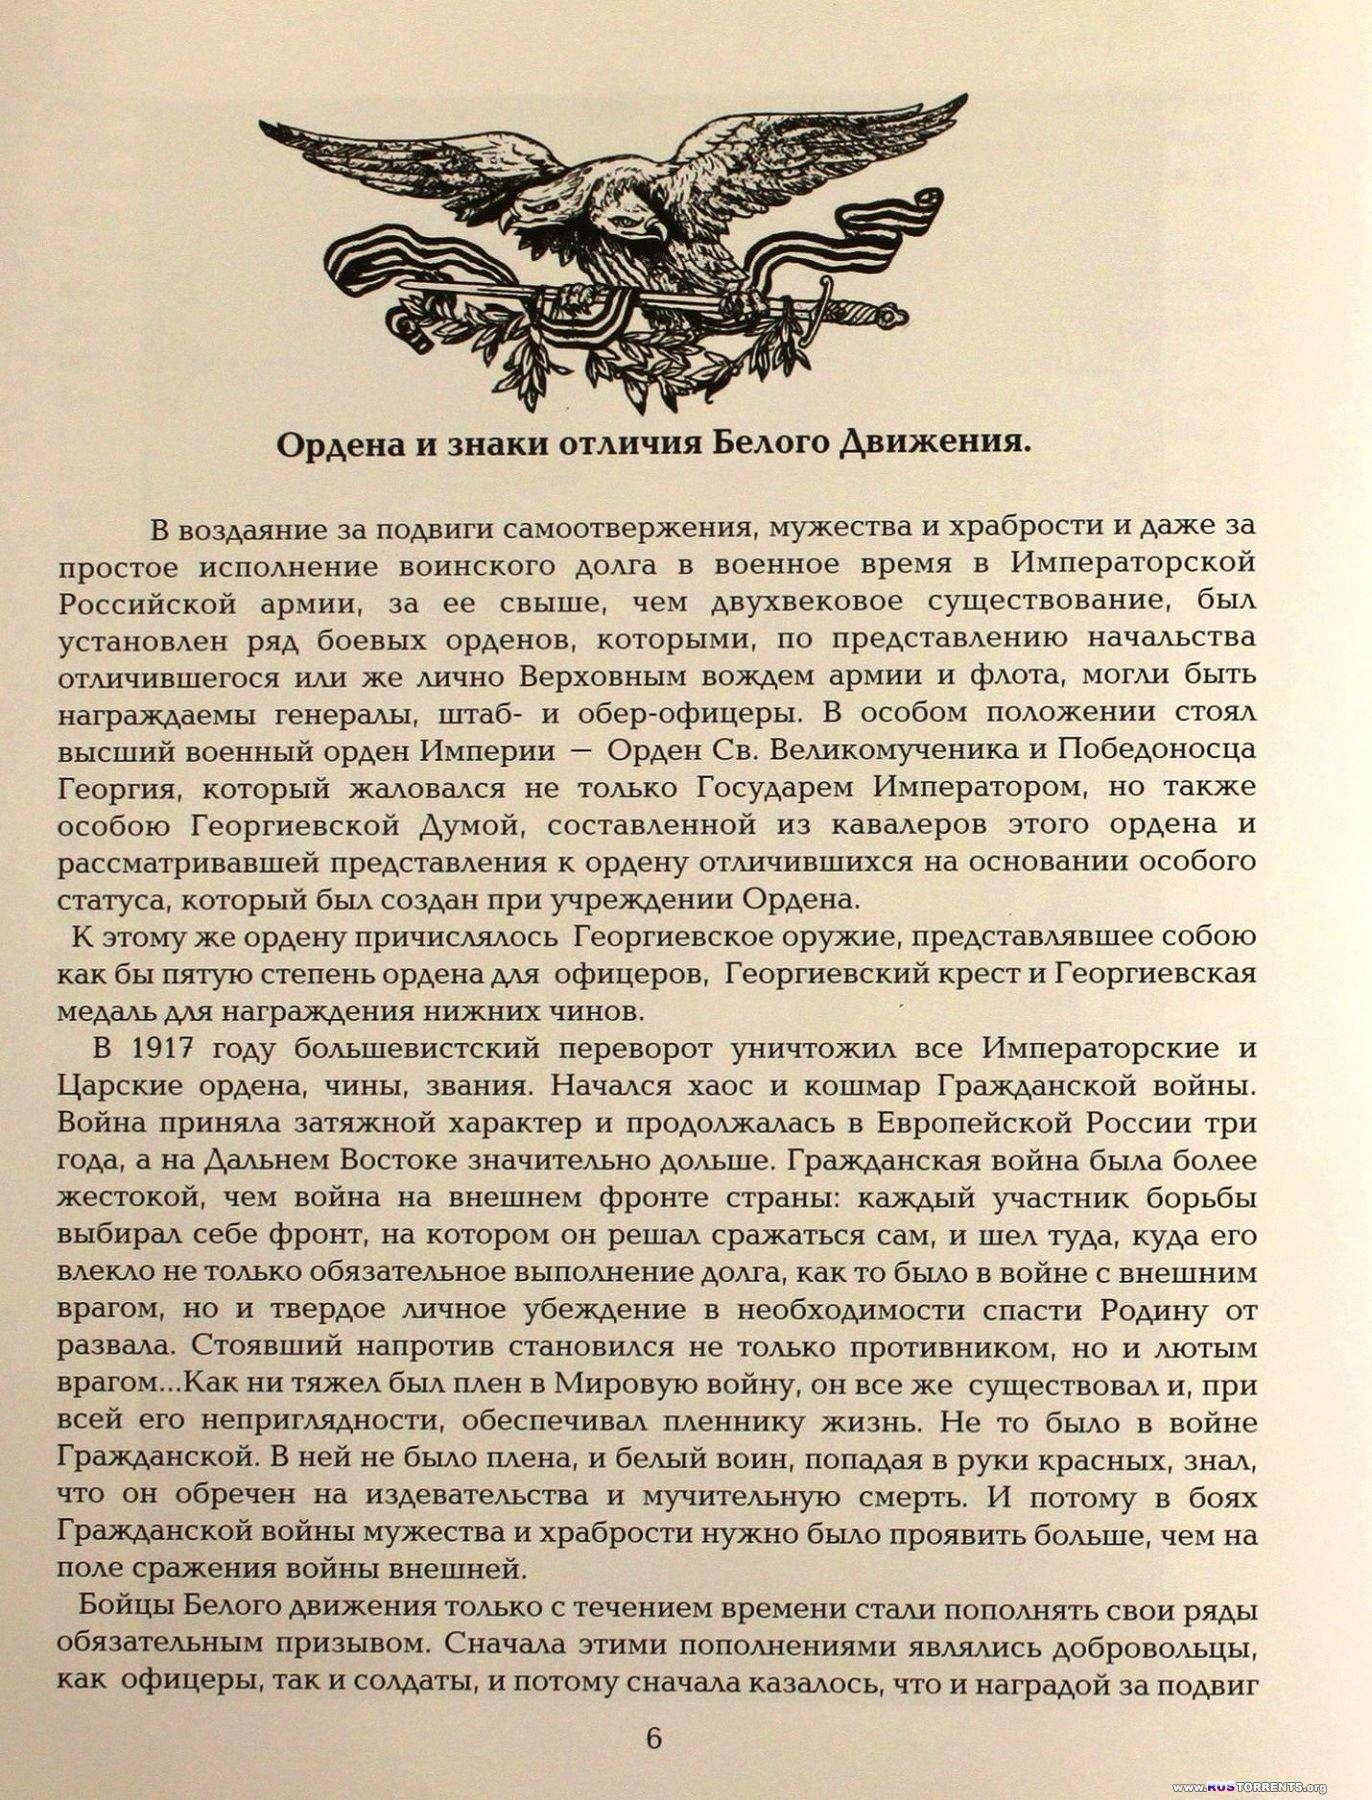 Чичикалов А. - Ордена и знаки отличия Белого движения | PDF